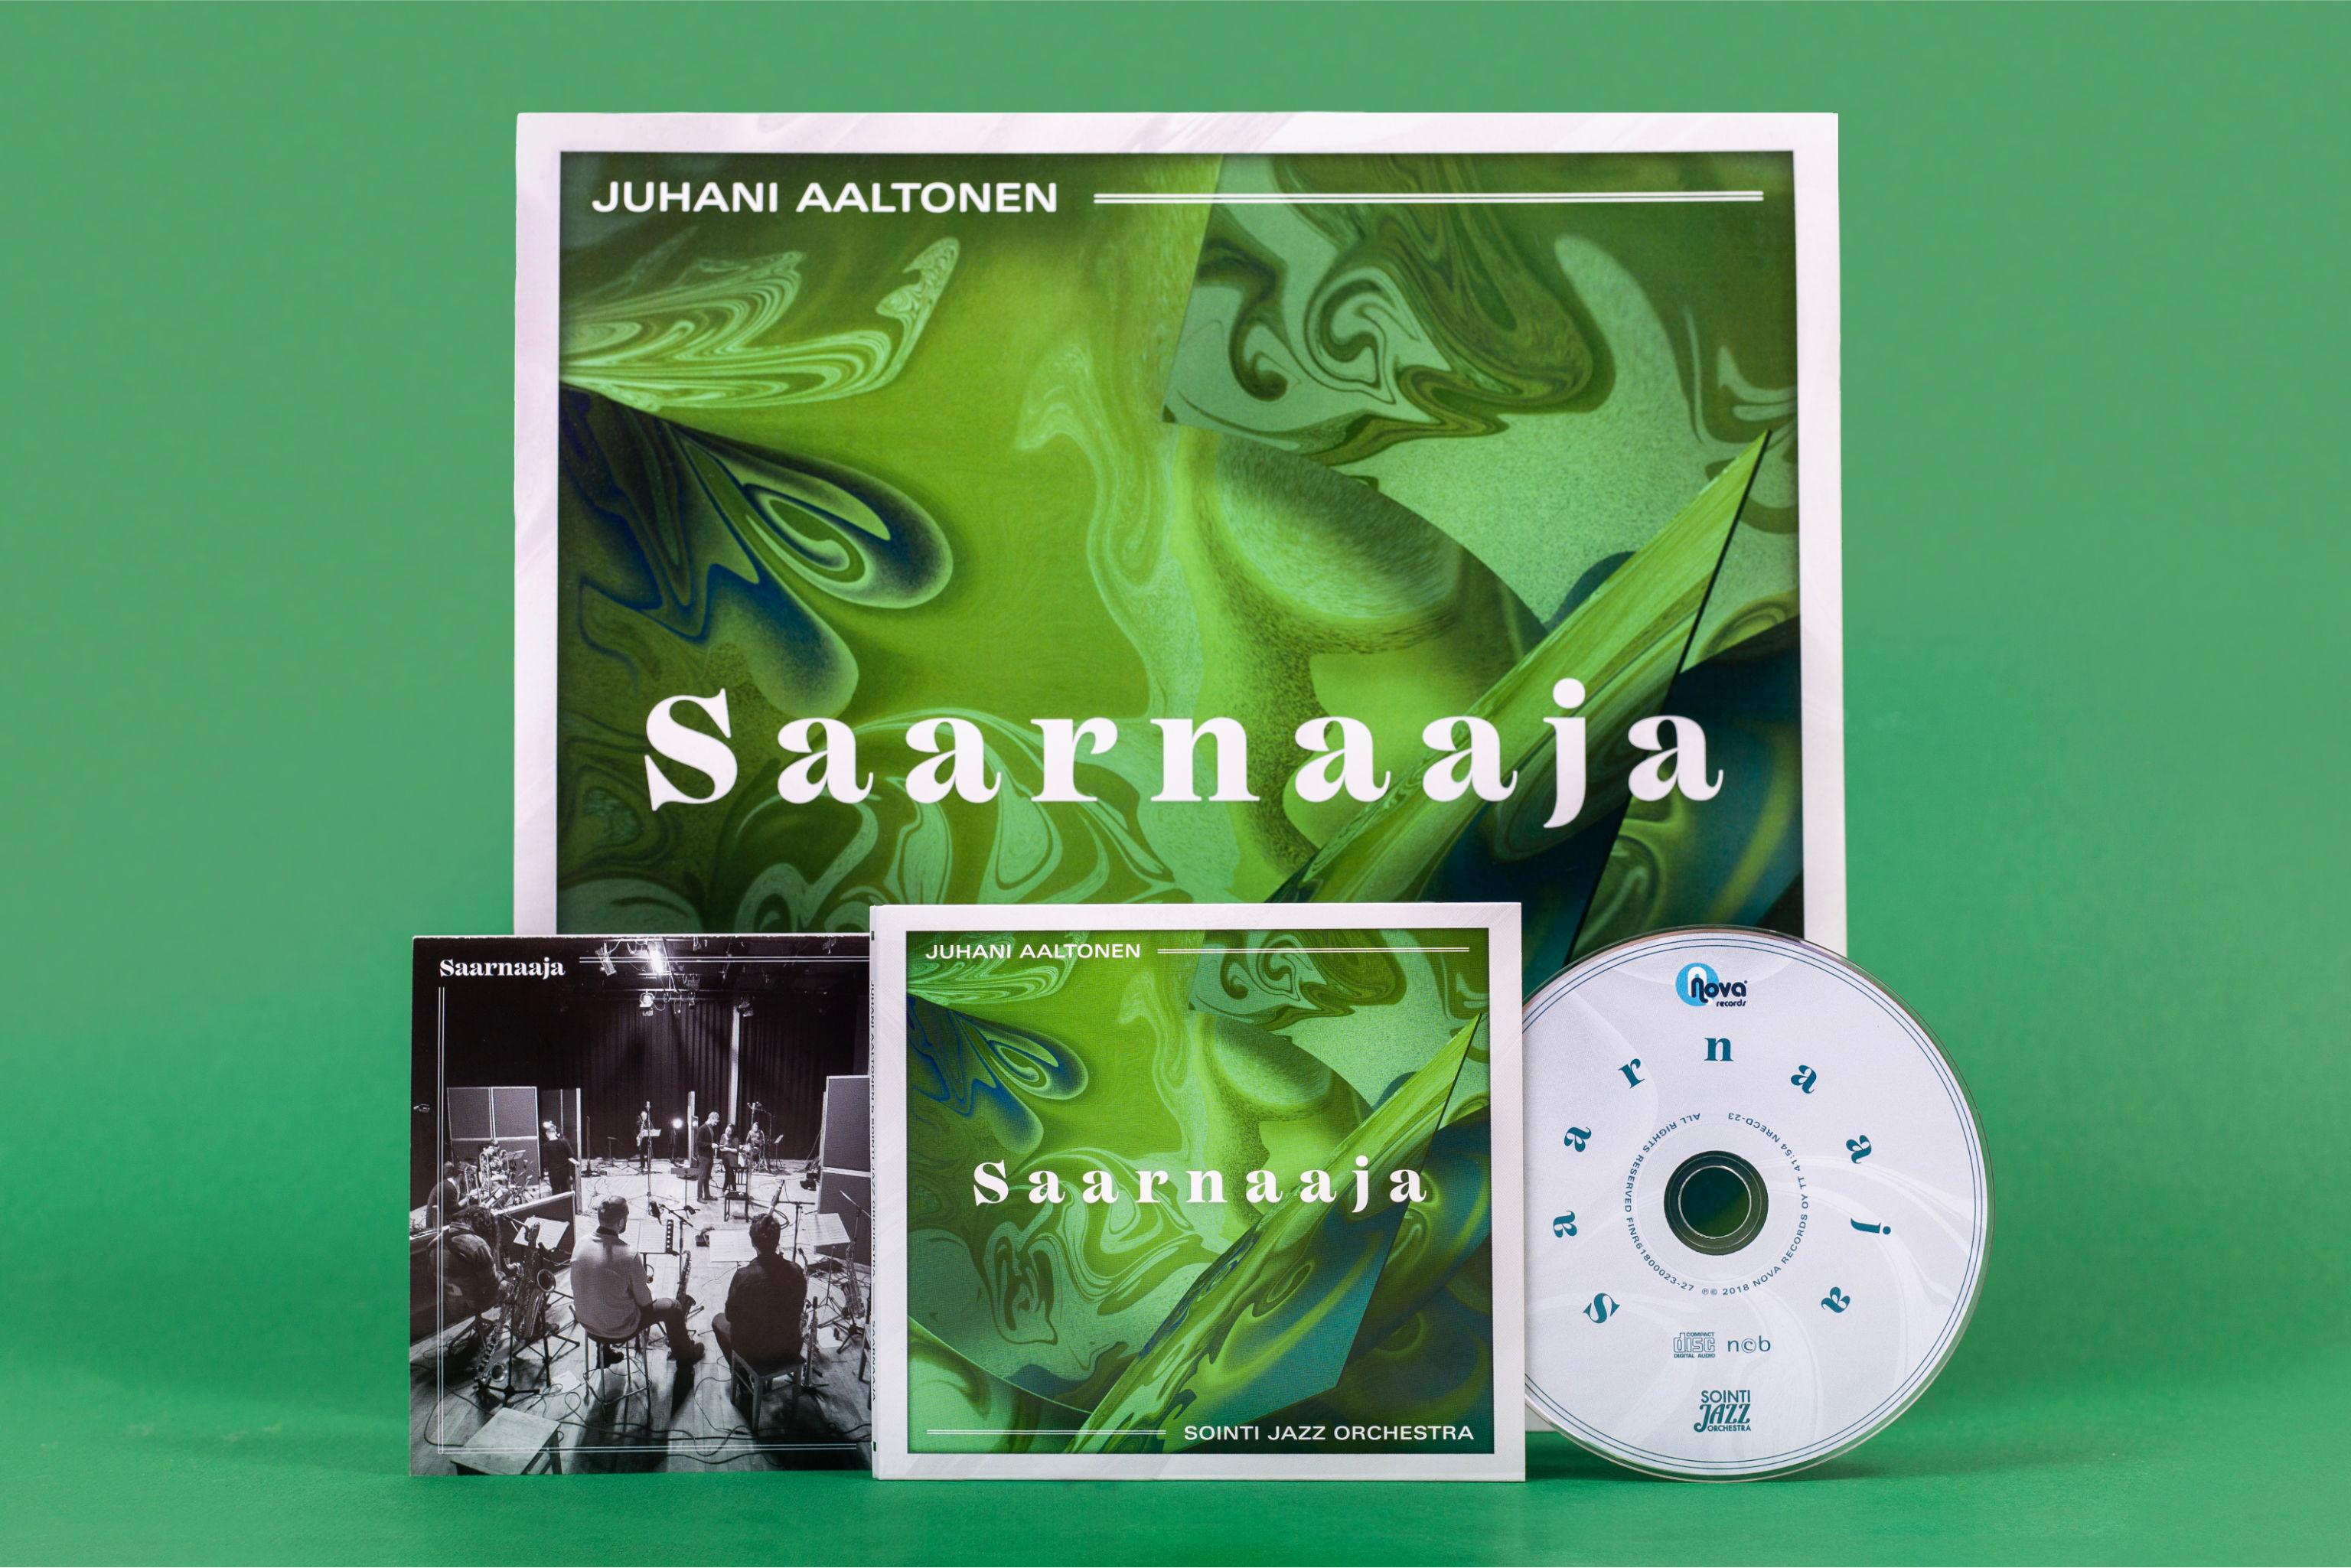 Saarnaaja_studio_8_wide